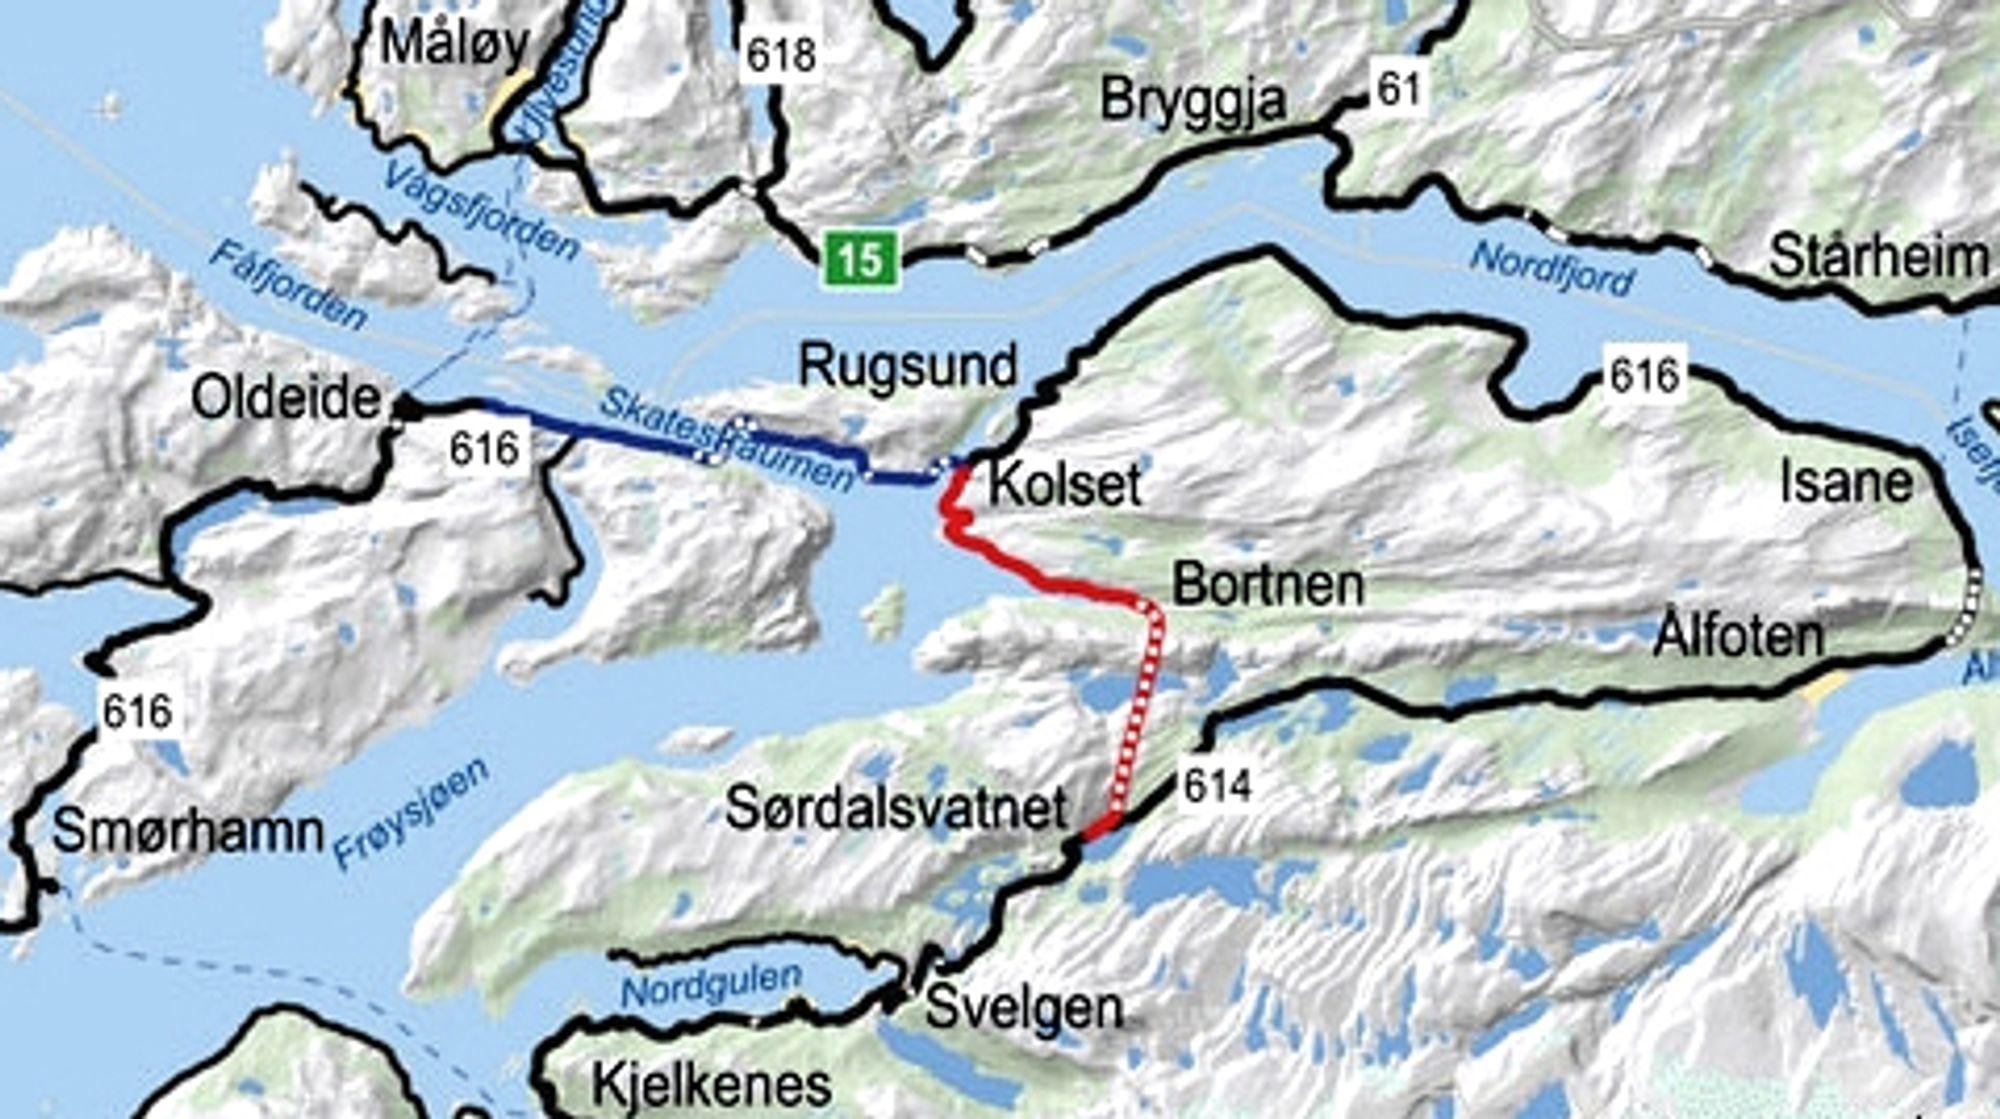 Strekningen som skal utbedres er markert med heltrukket rød linje, Vingetunnelen har stiplet linje. Den svarte linjen til høyre viser den store omveien mange av kommunens innbyggere må ta i dag. Ill.: Statens vegvesen